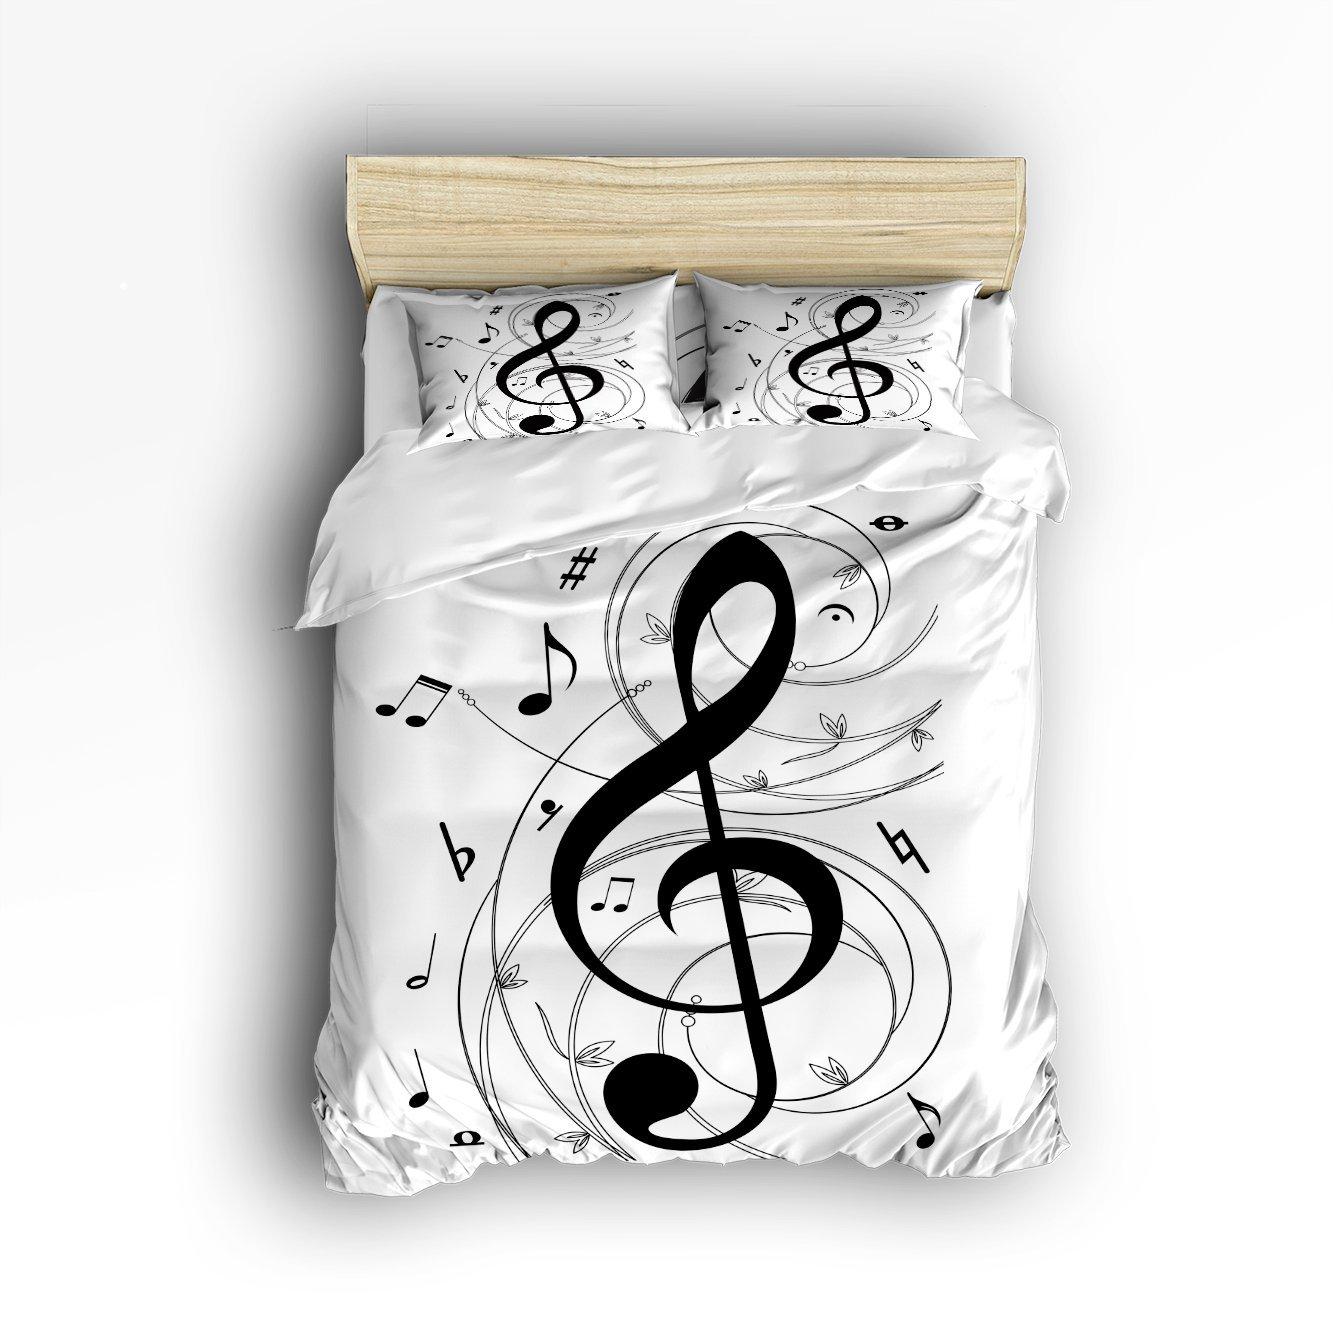 King Размеры Постельное белье черный, белый цвет ноты постельное белье покрывало для детей/подростков/взрослых 4 шт.